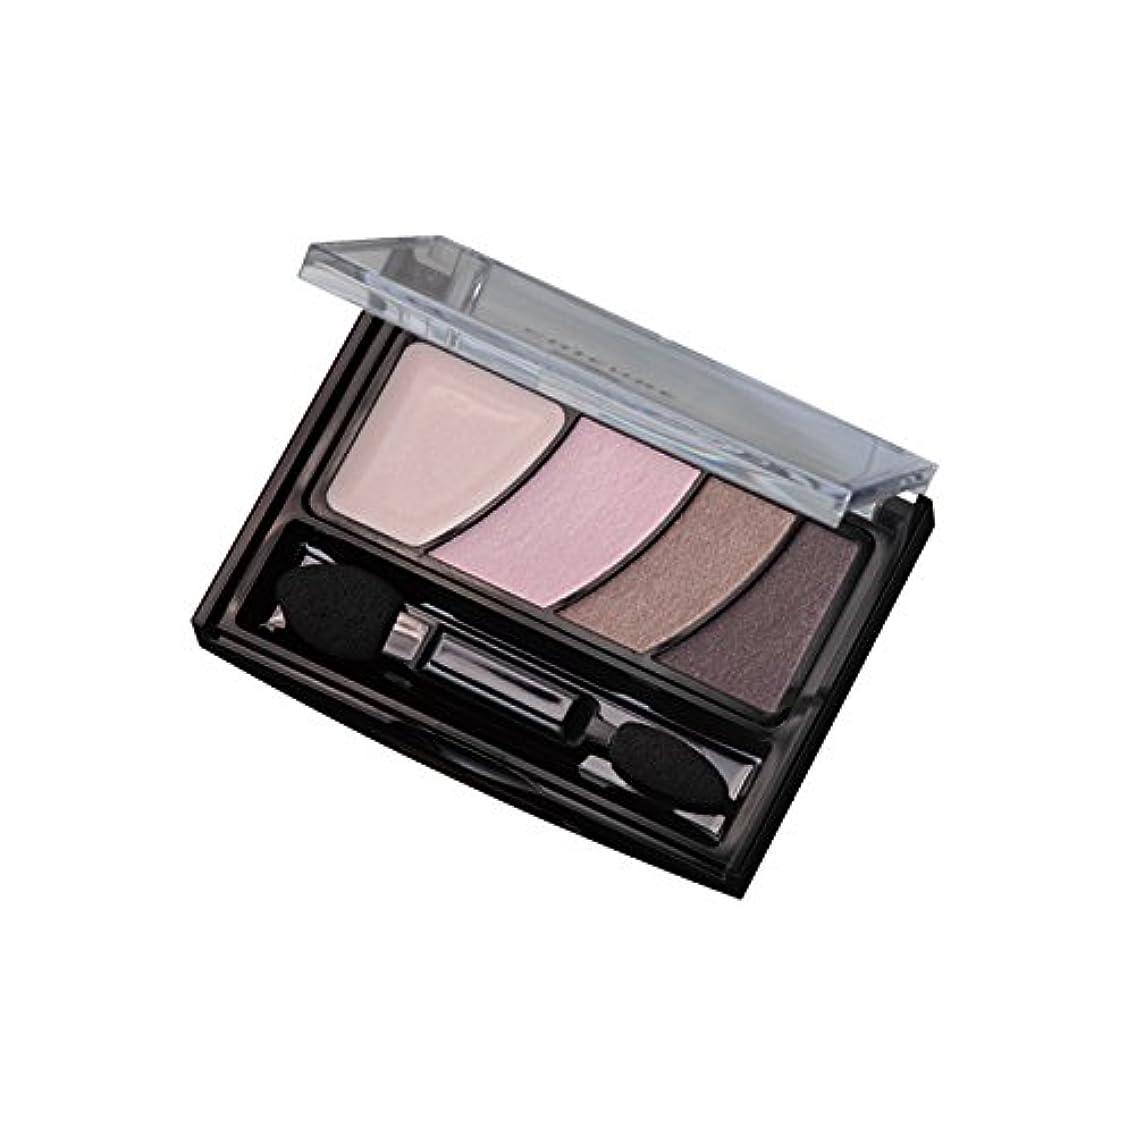 品マカダム恩恵ちふれ化粧品 グラデーション アイ カラー(チップ付) 12 ピンク系 アイカラー12